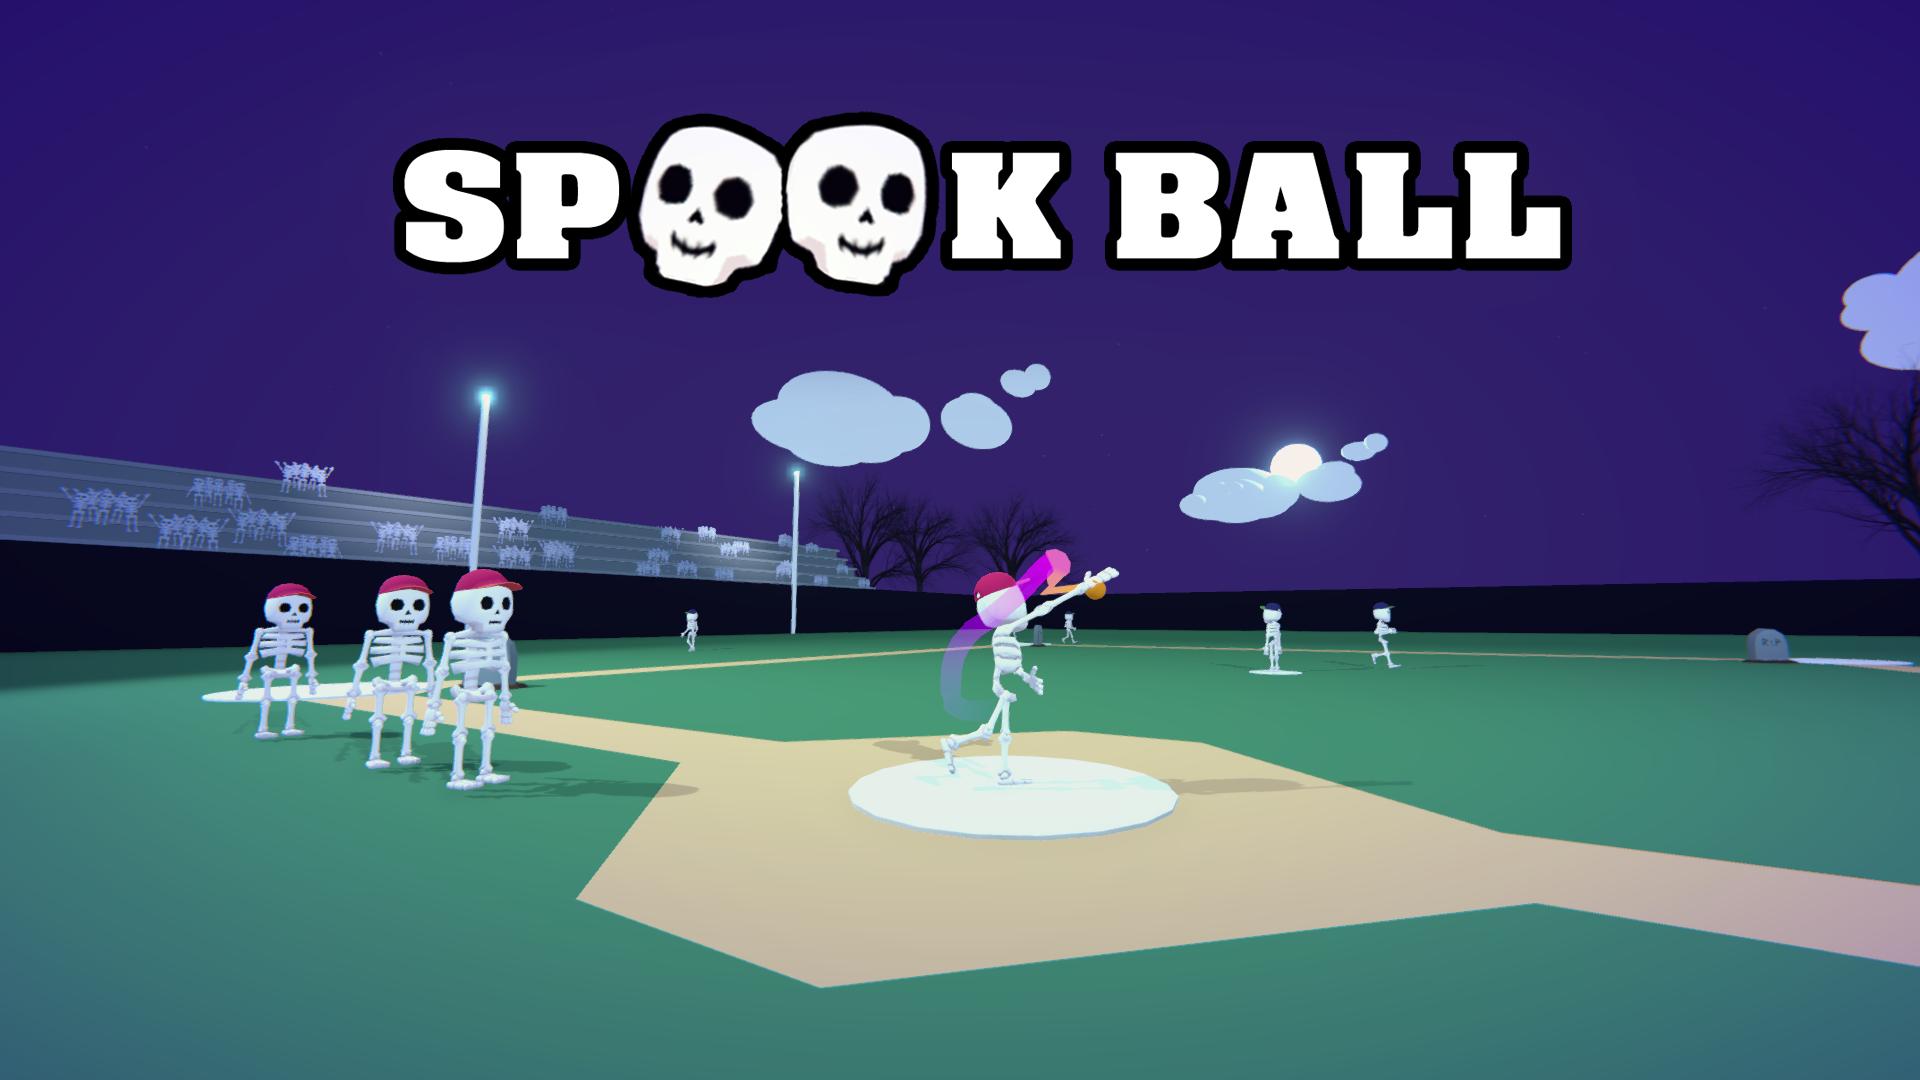 SpookBall